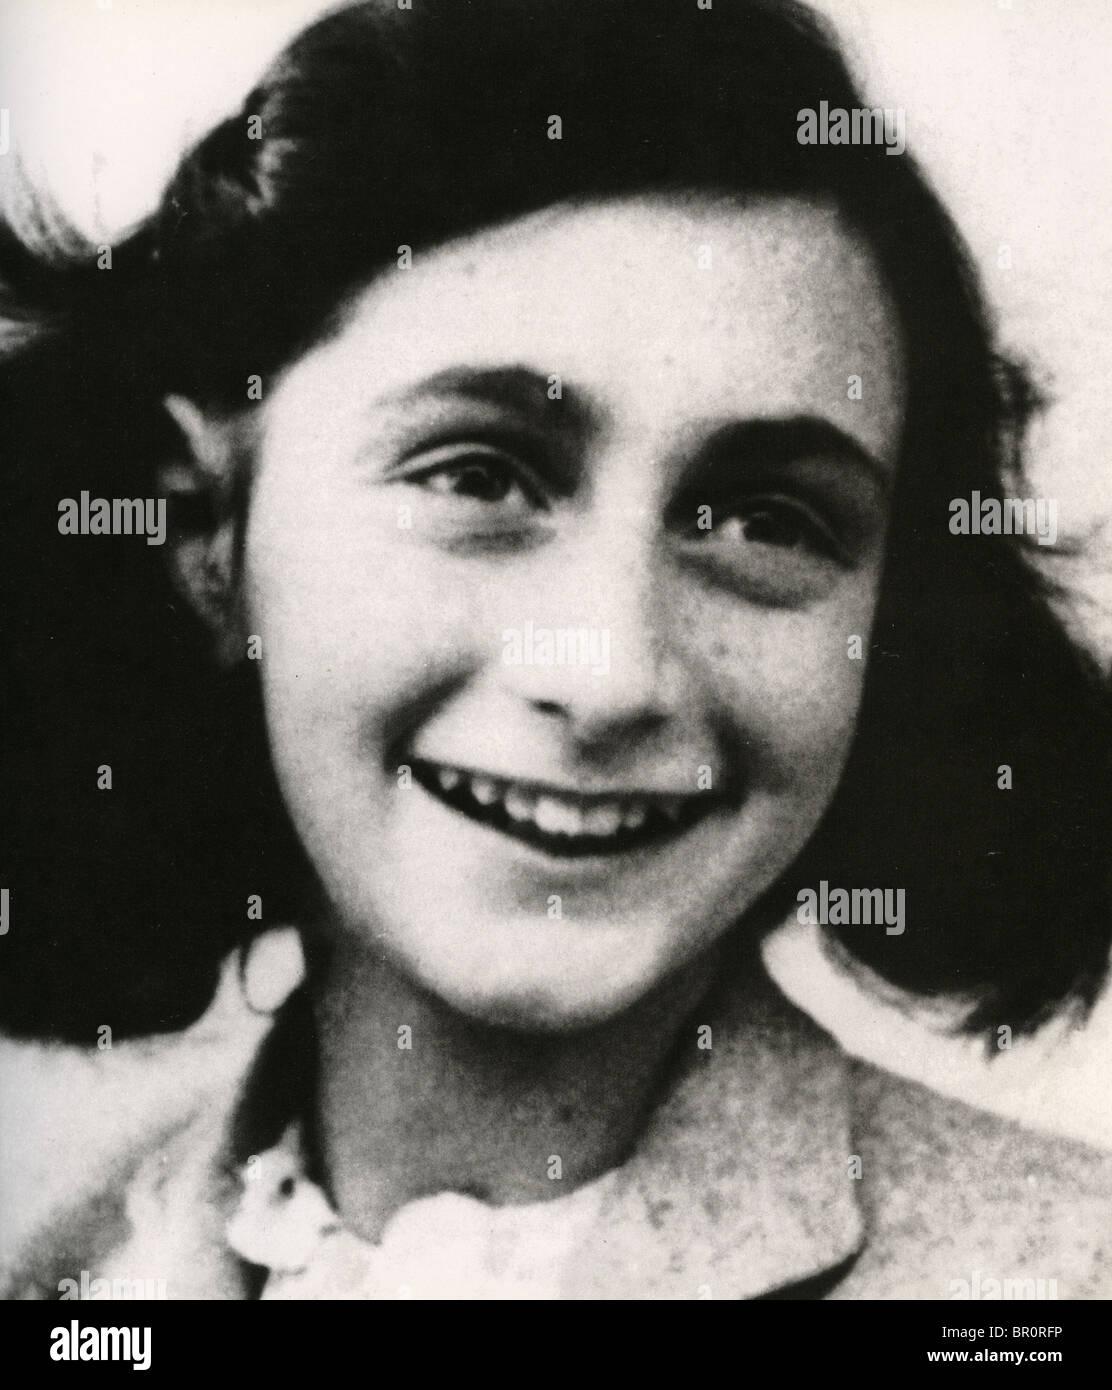 ANNE FRANK (1929-1945), victime de l'holocauste juif néerlandais Photo Stock